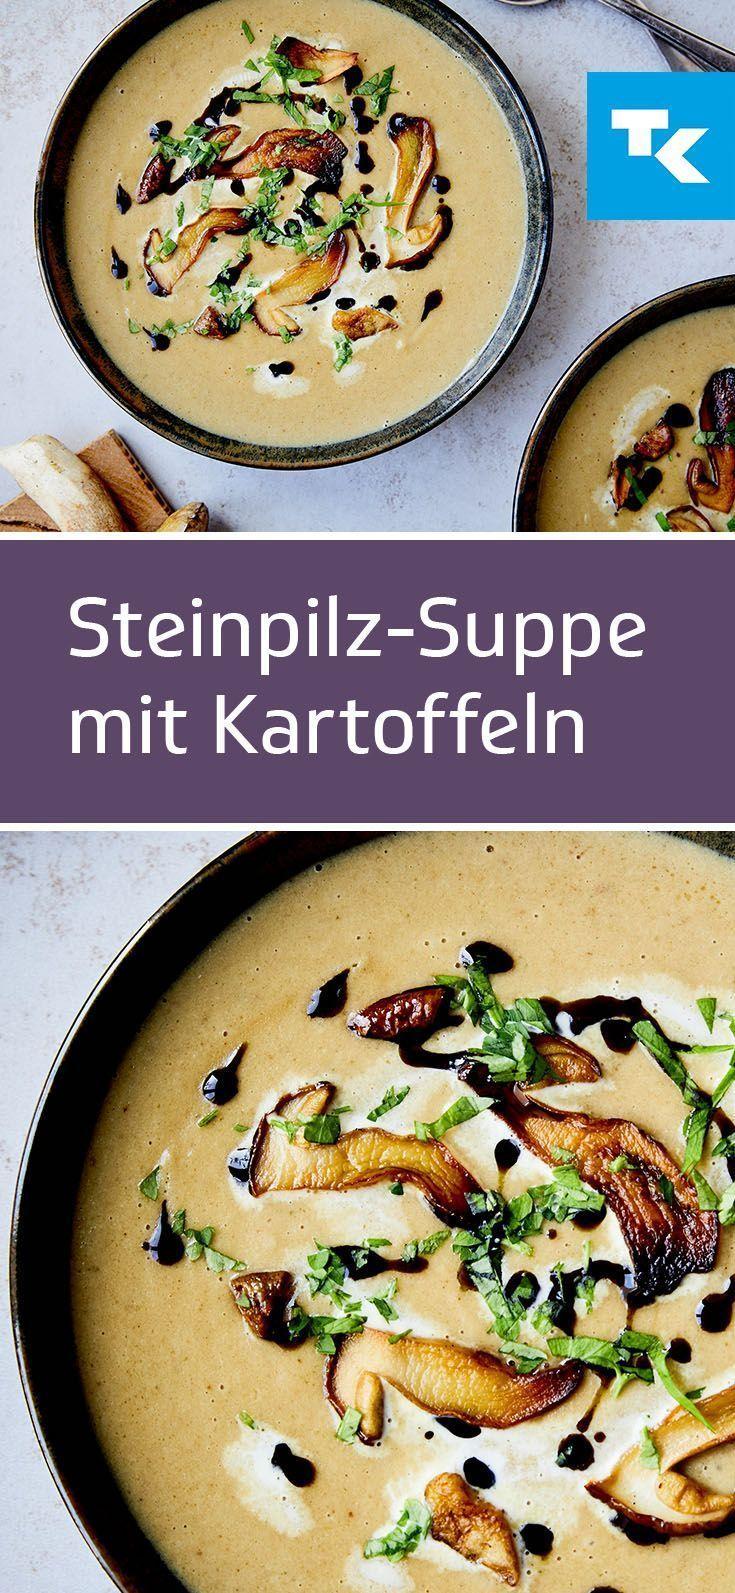 5d3ccb5f0b82a9b7ac7e59ee143a637a - Steinpilz Rezepte